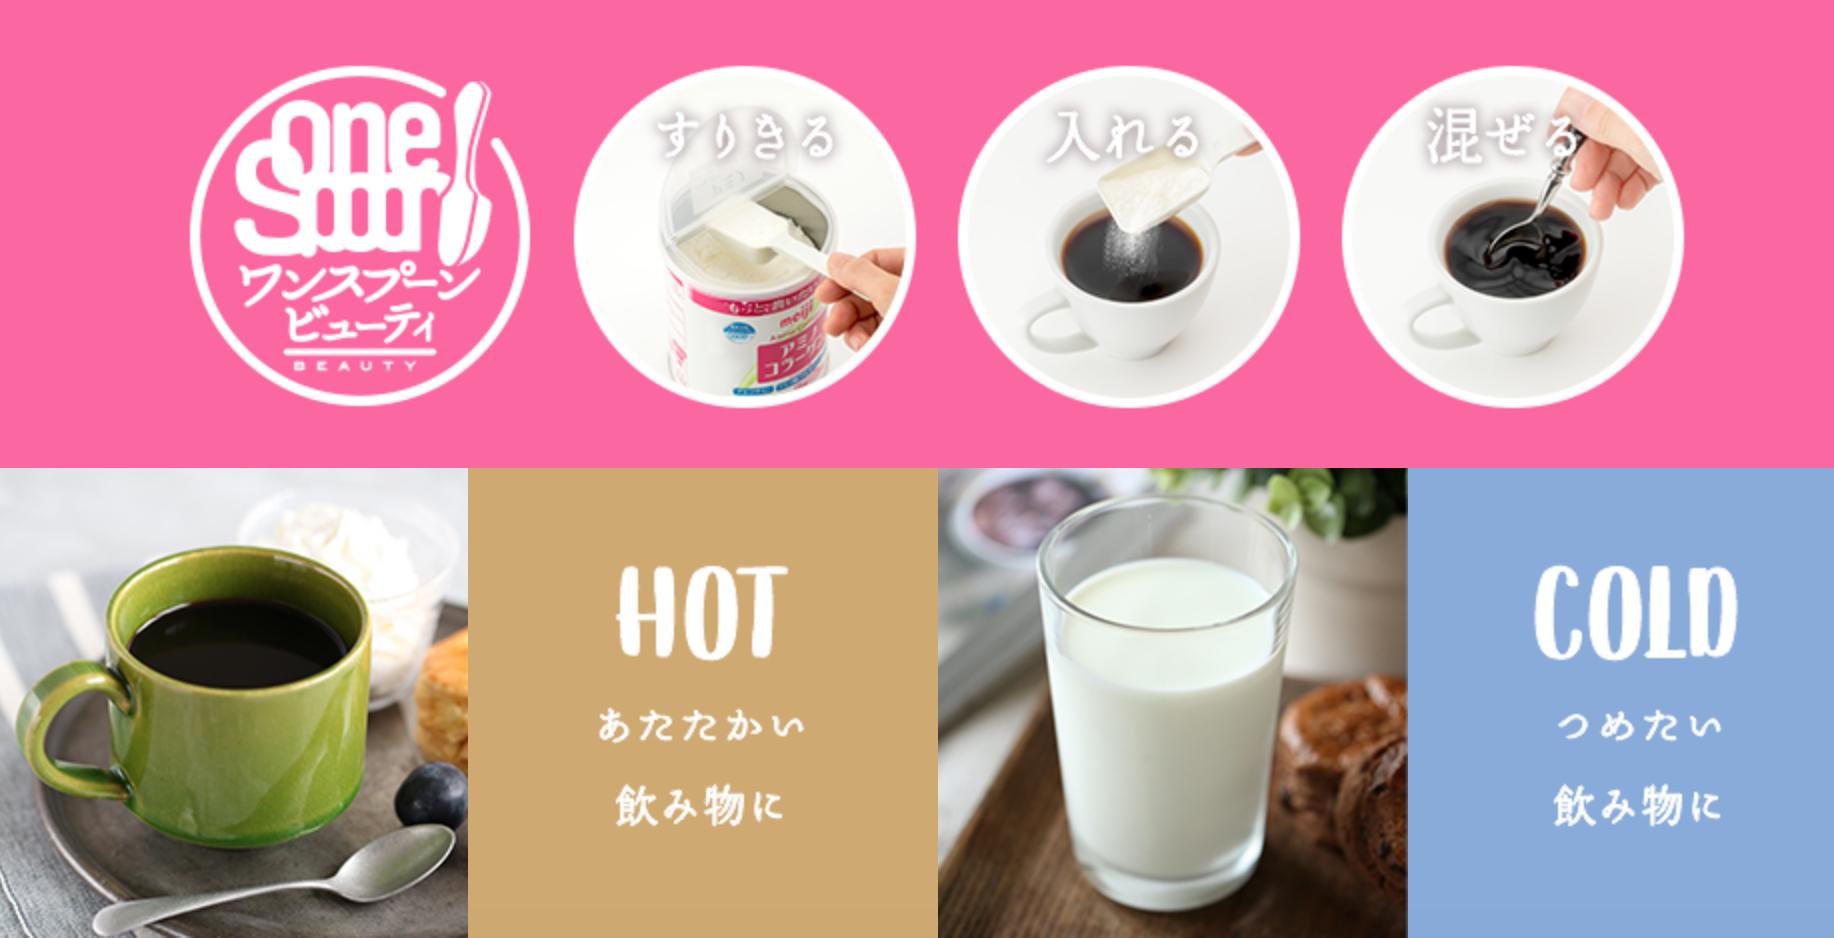 Amino collagen meiji cách dùng rất đa dạng